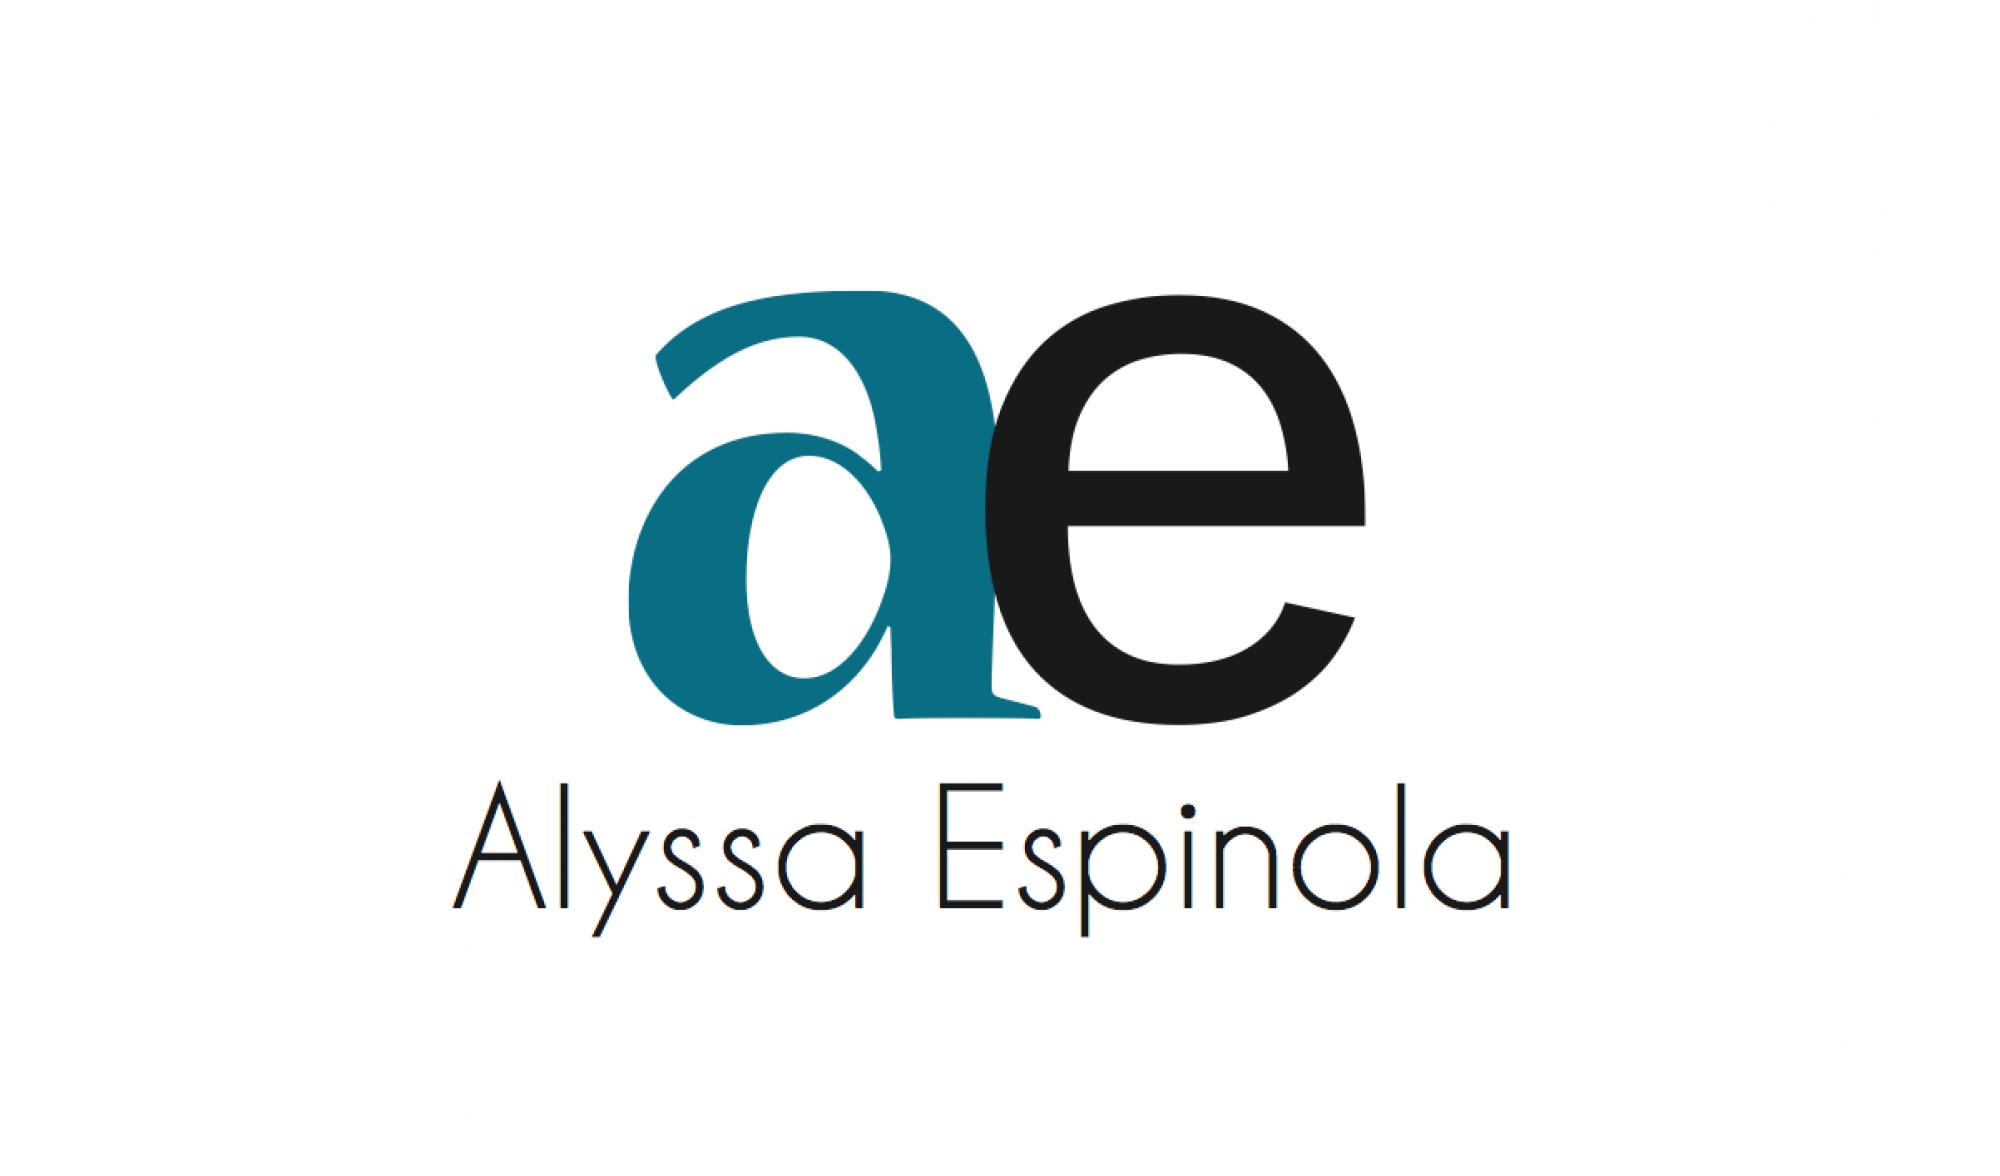 Alyssa Espinola